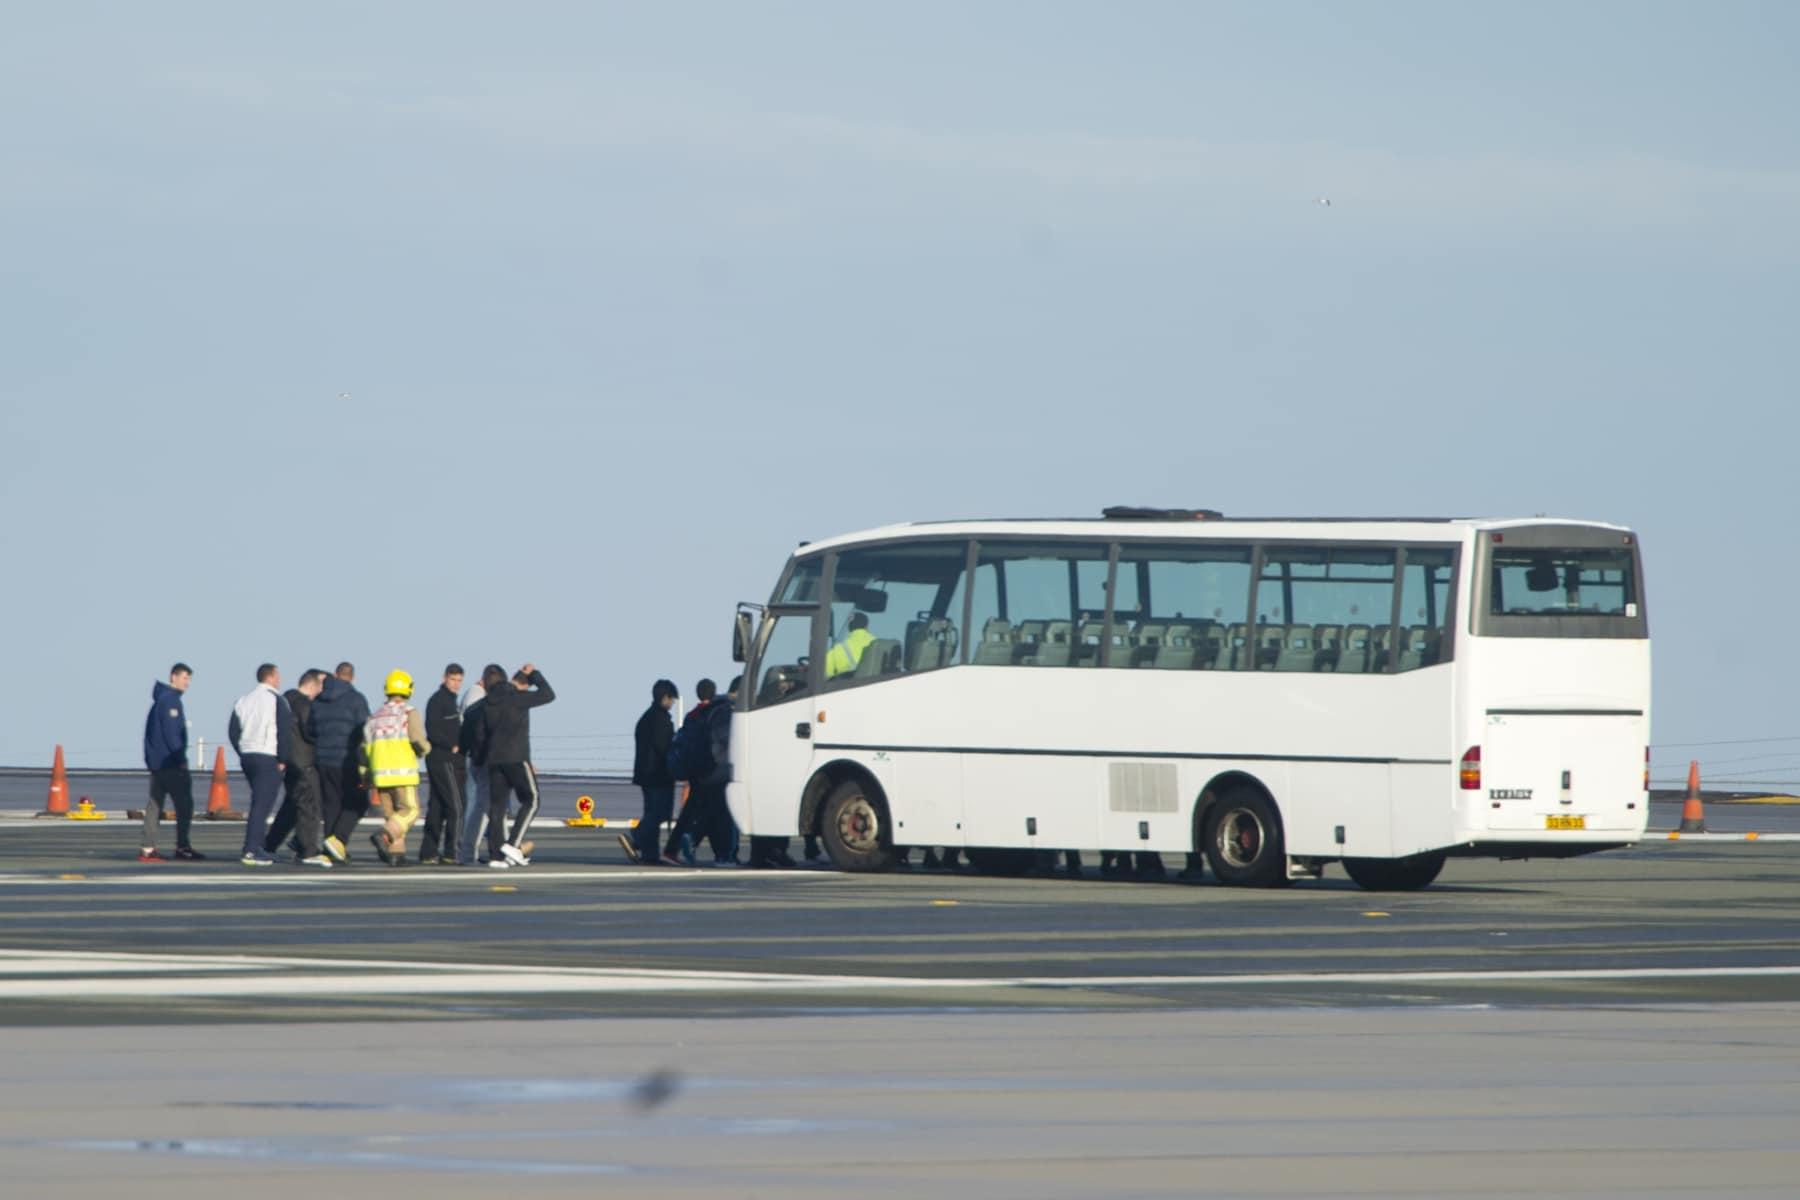 simulacro-accidente-aereo-en-gibraltar-03122014-19_15321664834_o